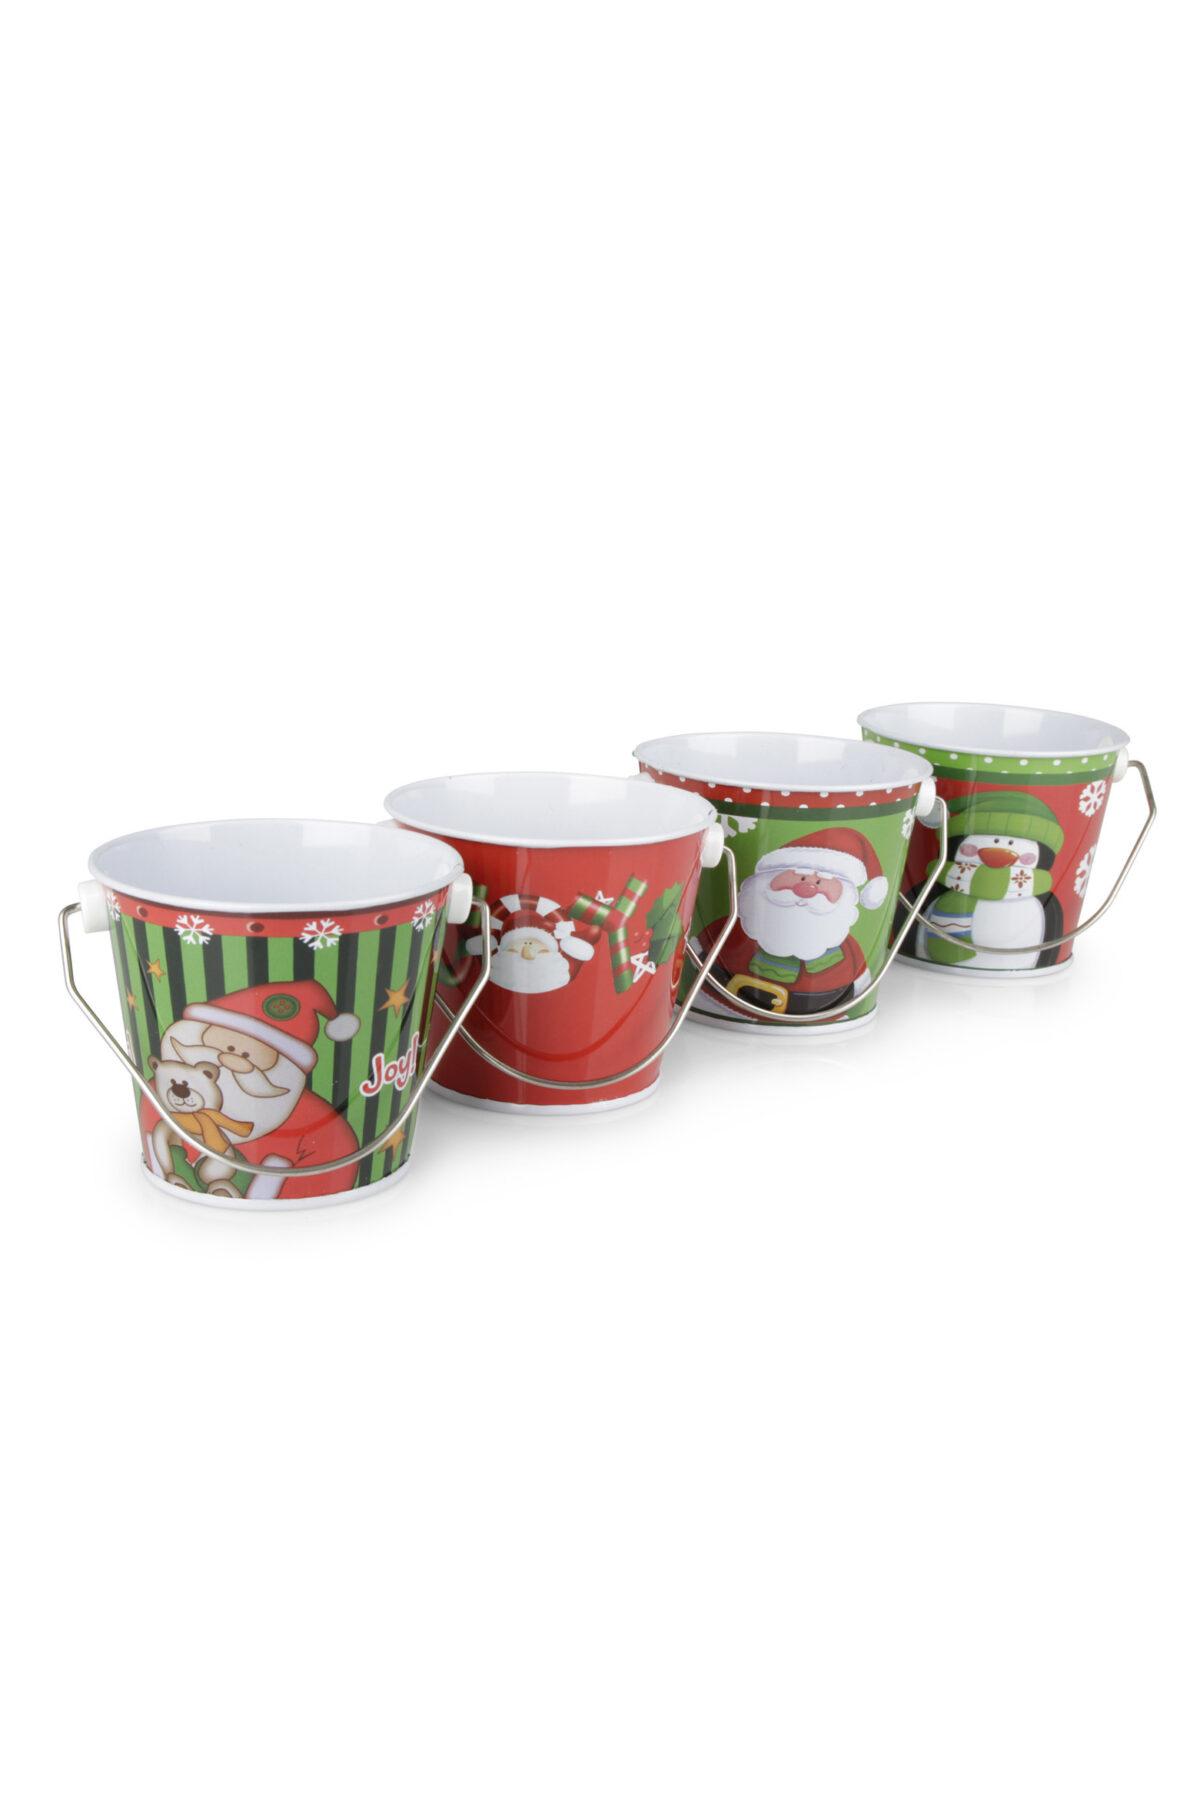 Set 8 Vasi secchiello natalizi in metallo con manico in 4 fantasie assortite d. 8,5 x l. 7,4cm